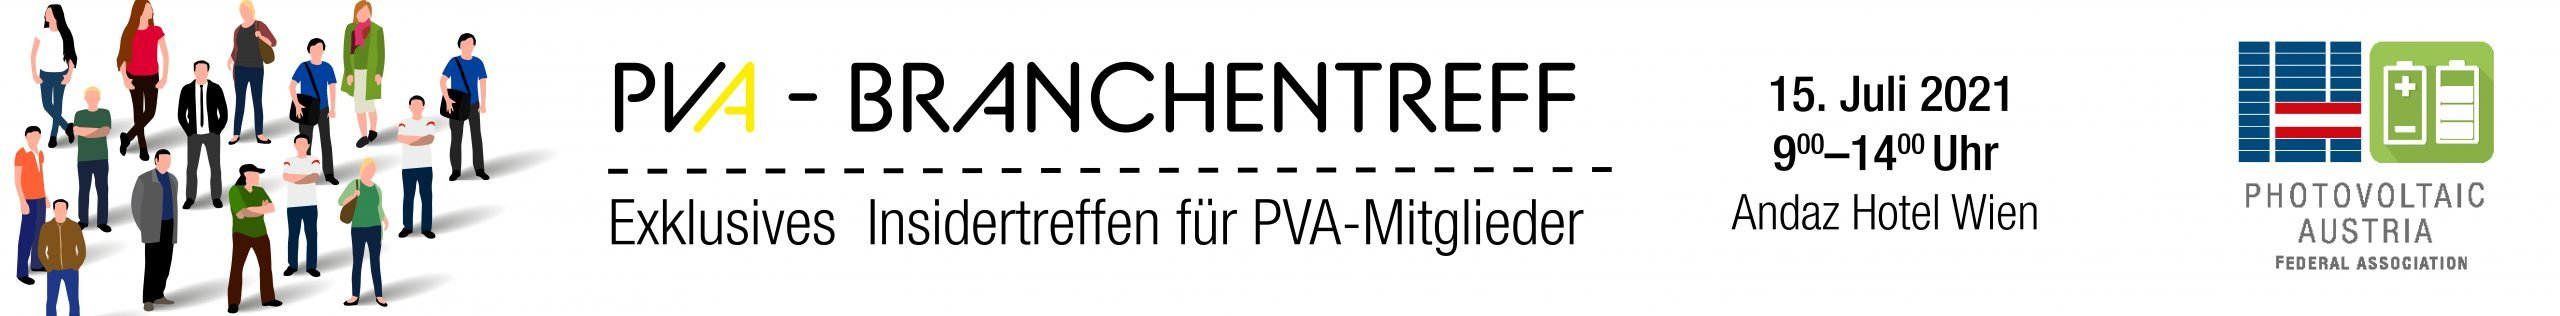 2021 07 15 Banner allgemein 1 scaled | Photovoltaik Österreich